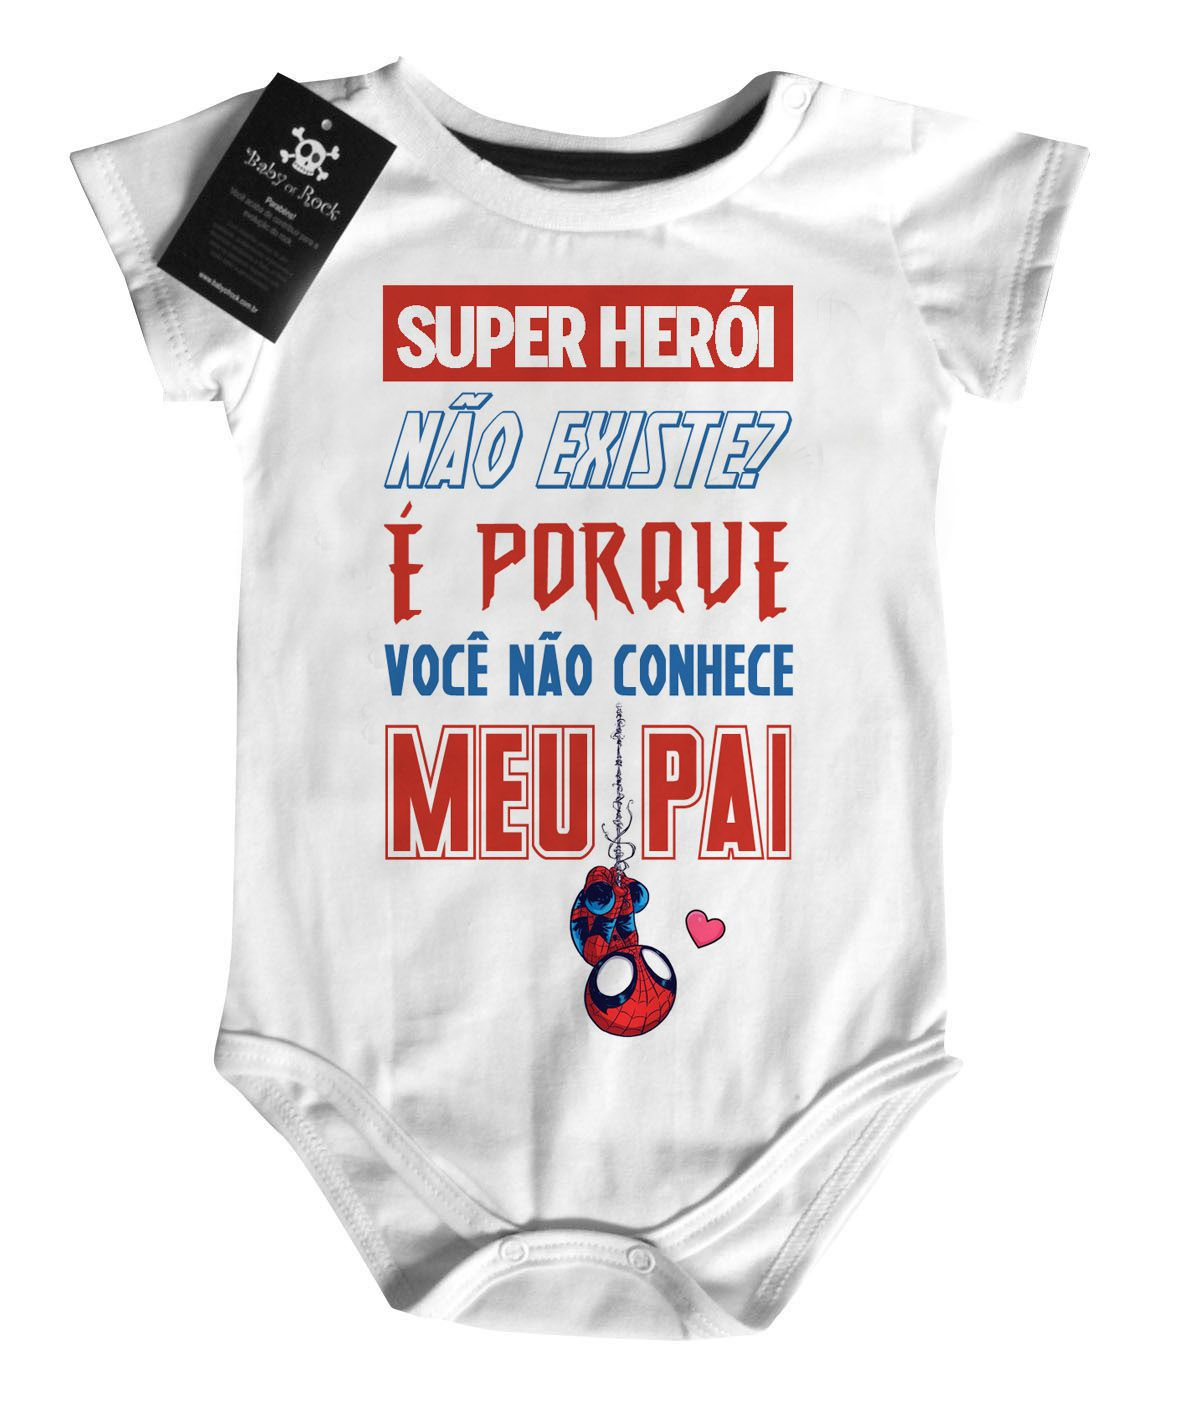 Body Baby Rock - Herói não existe? Papai - White  - Baby Monster S/A